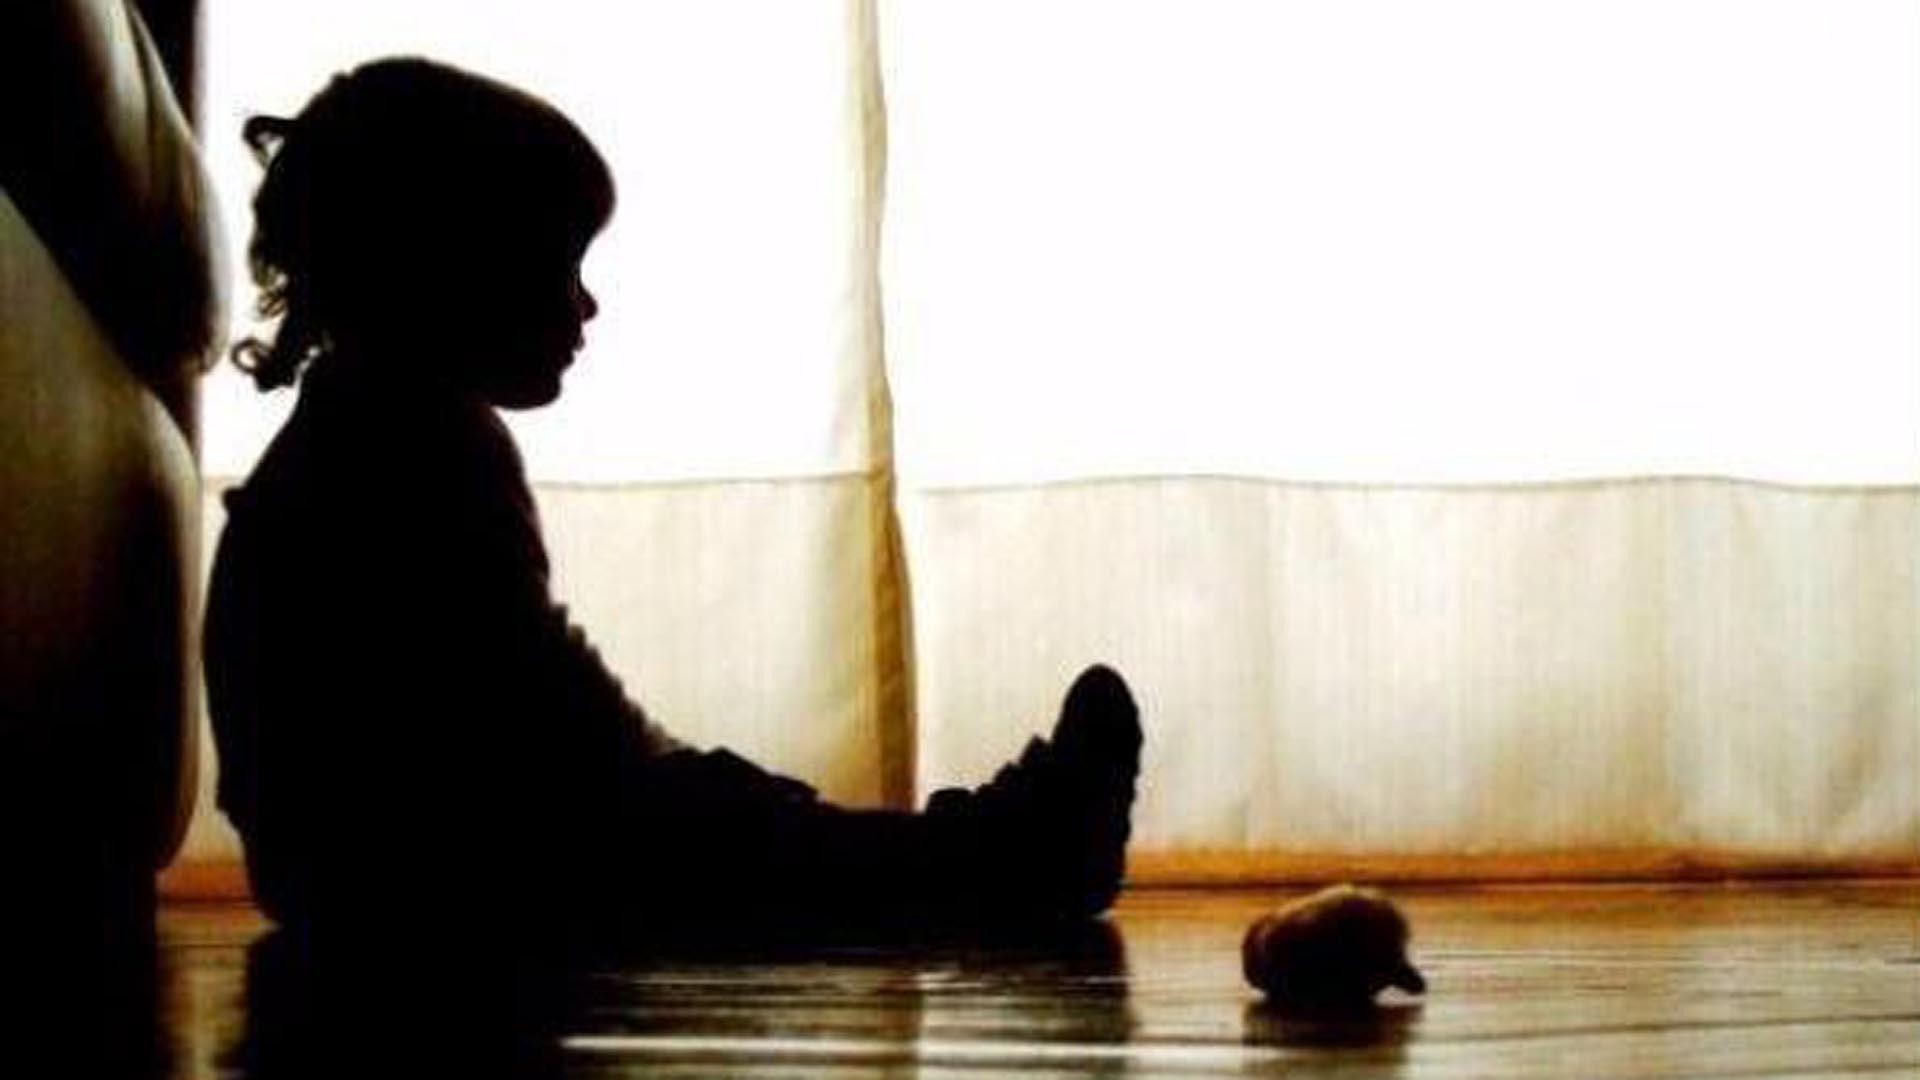 El abuso intrafamiliar es el más dañino, el más complejo a diagnosticar